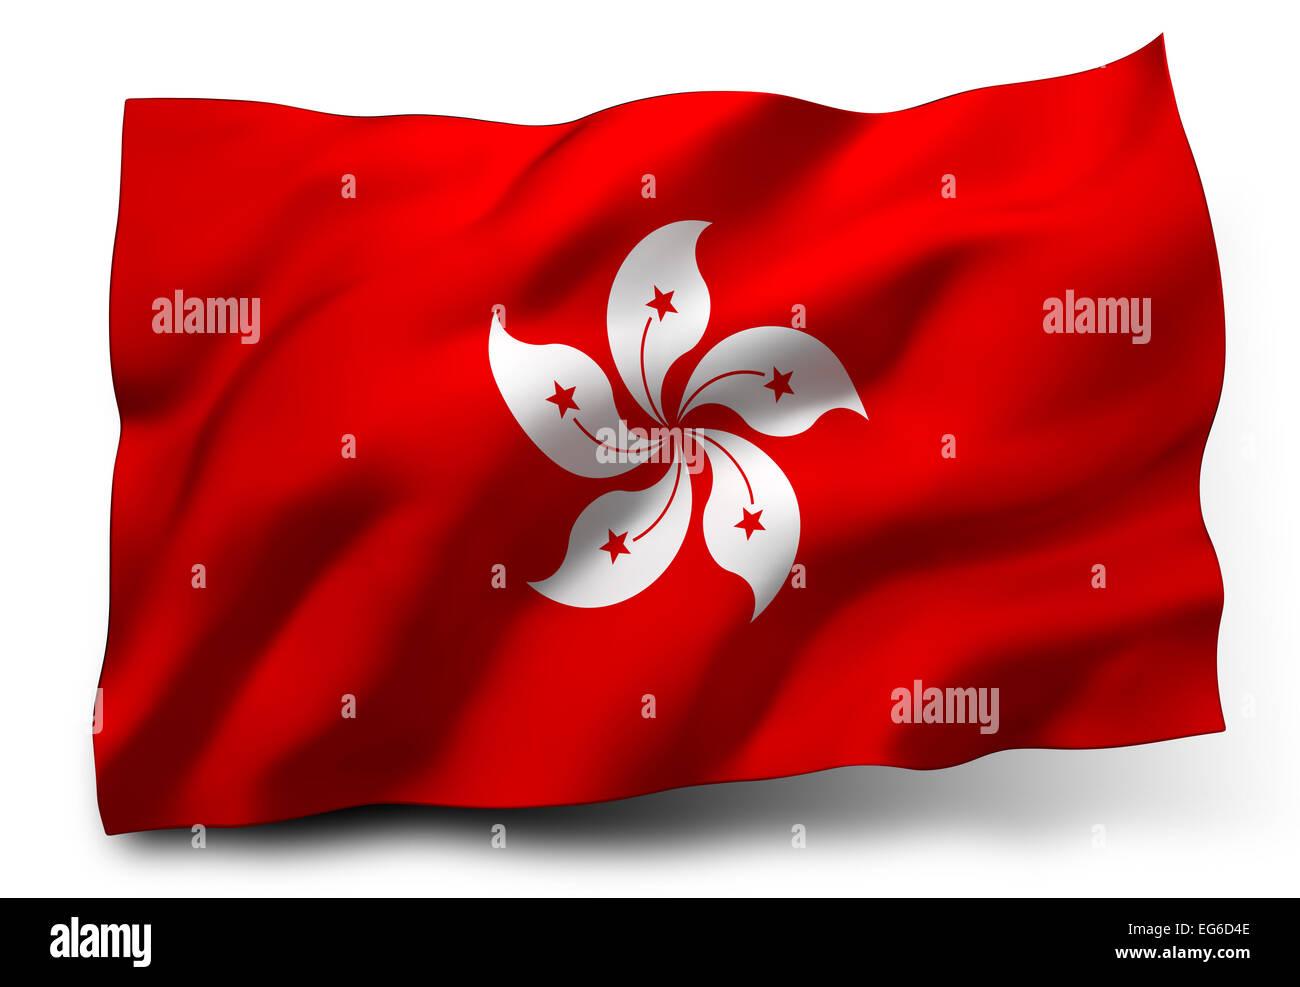 Waving flag of Honk Kong isolated on white background - Stock Image